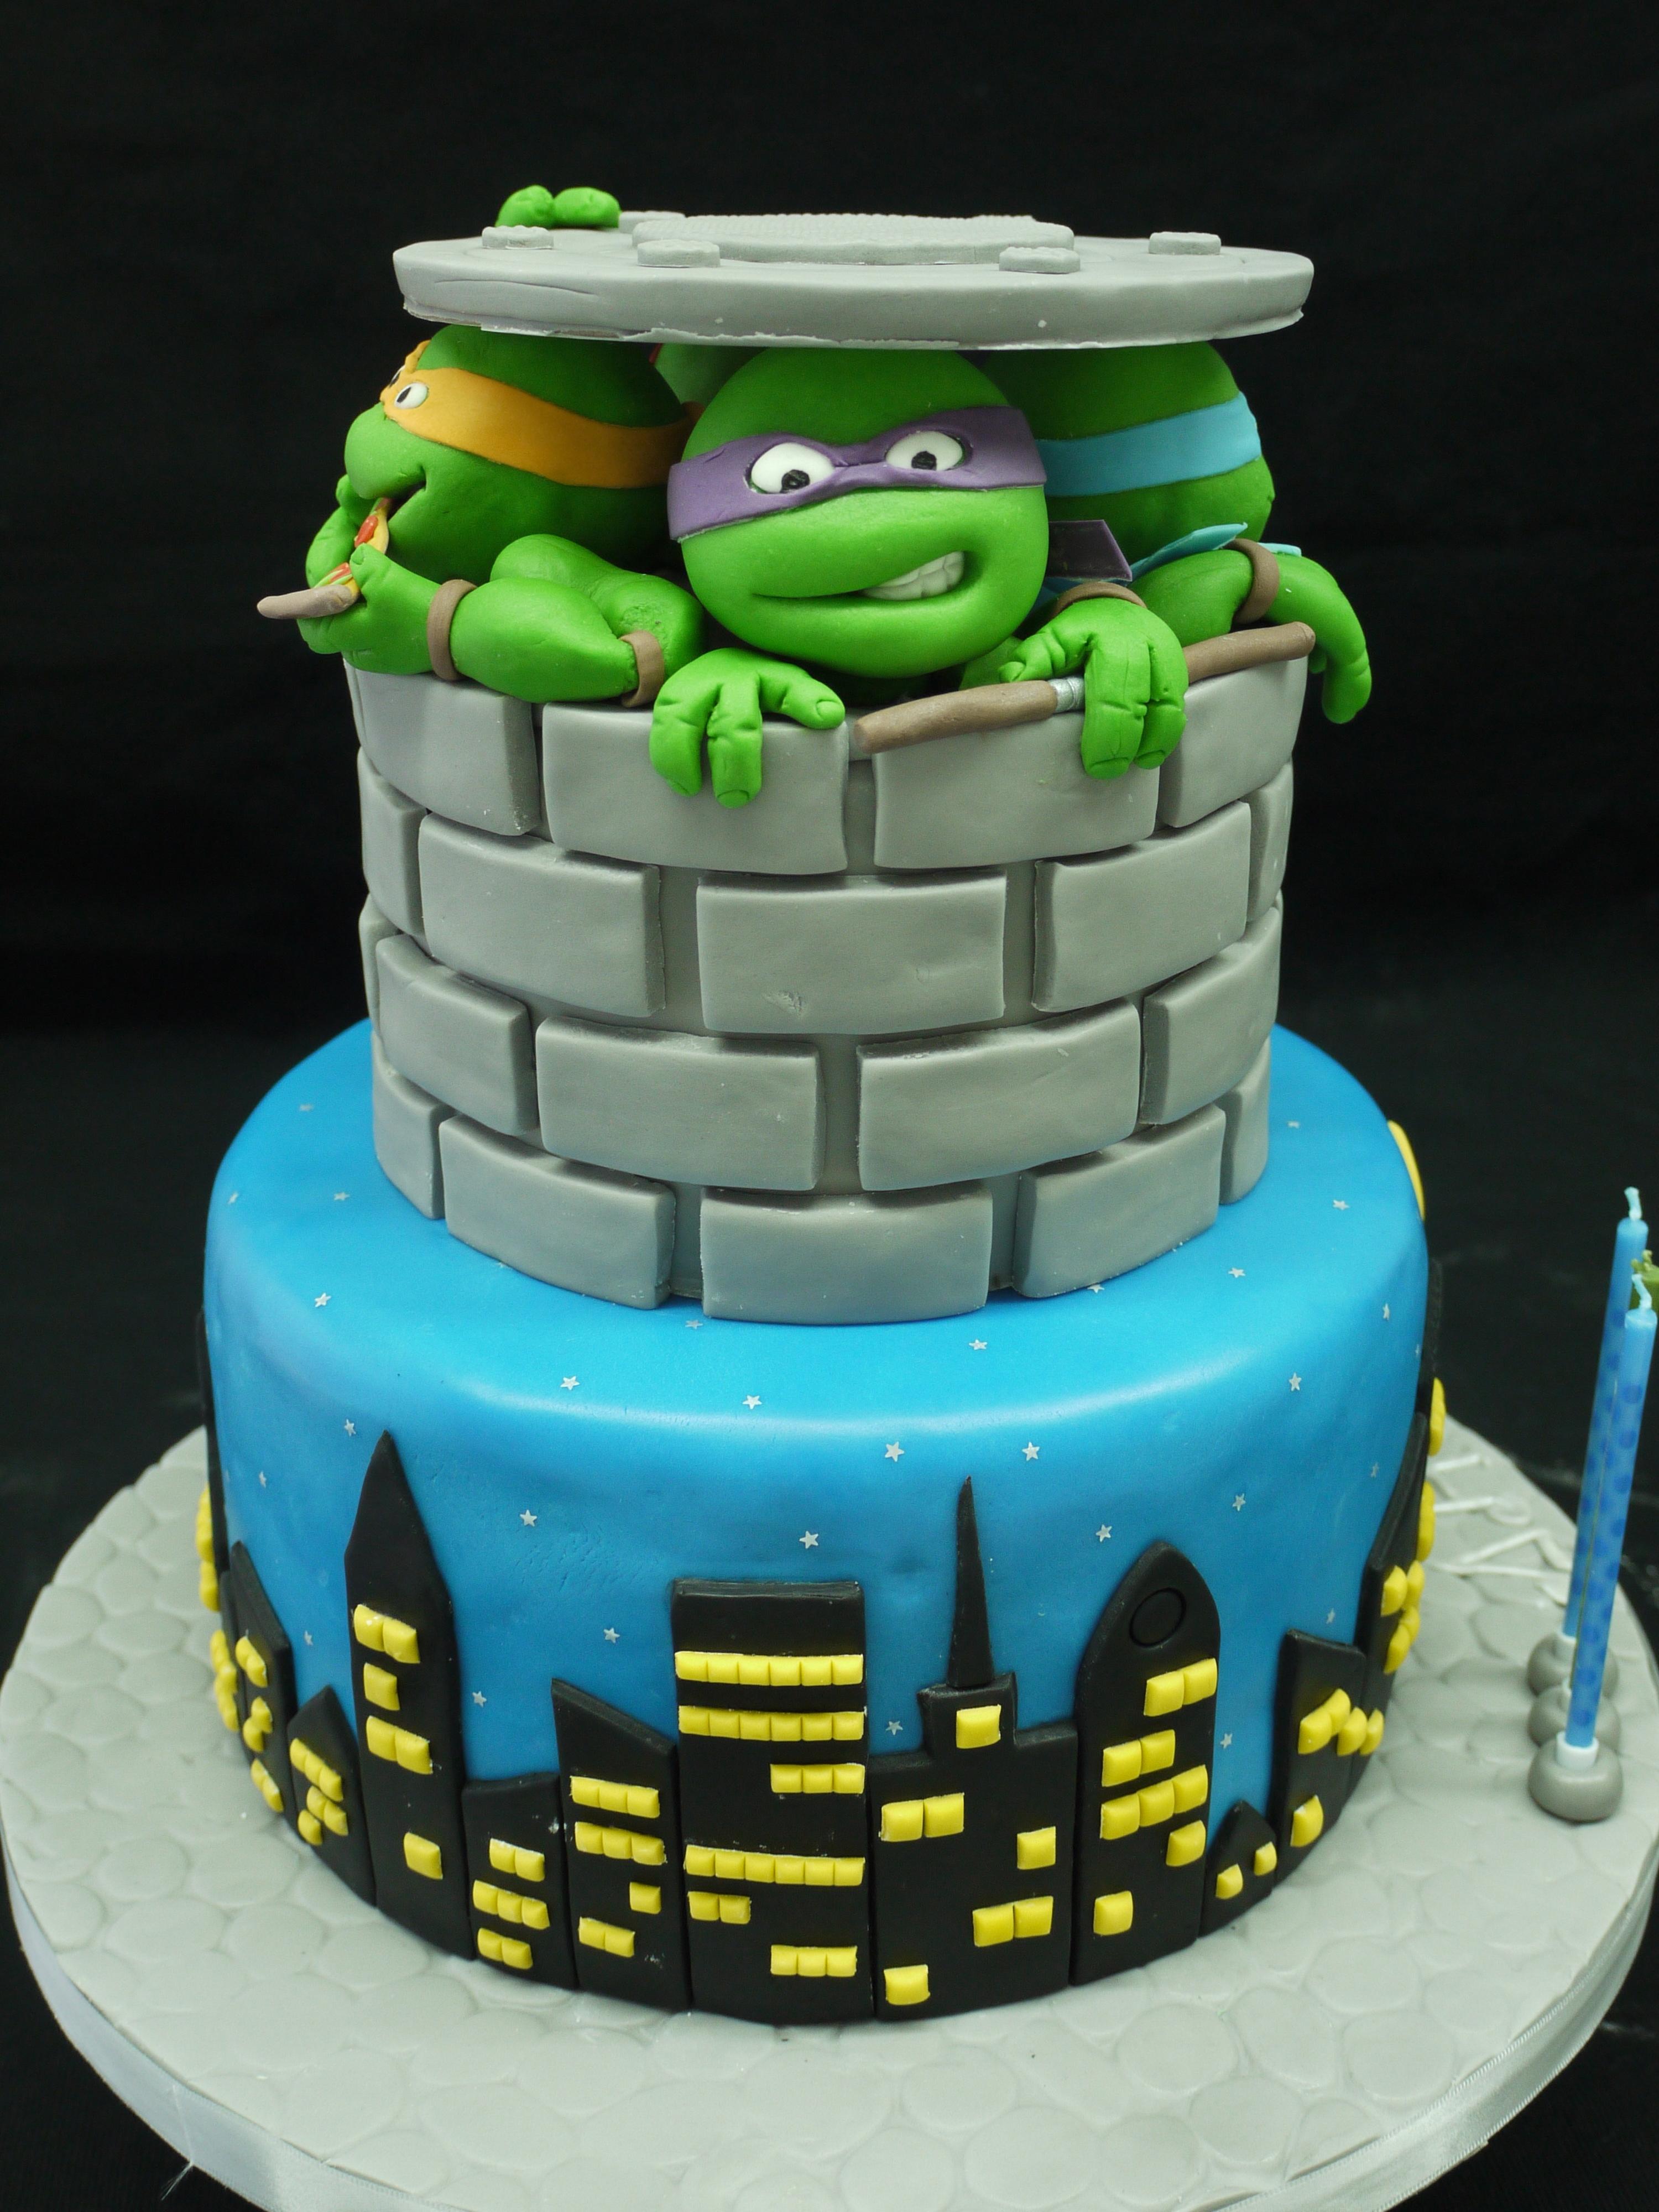 Teenage Mutant Ninja Turtles - CakeCentral.com